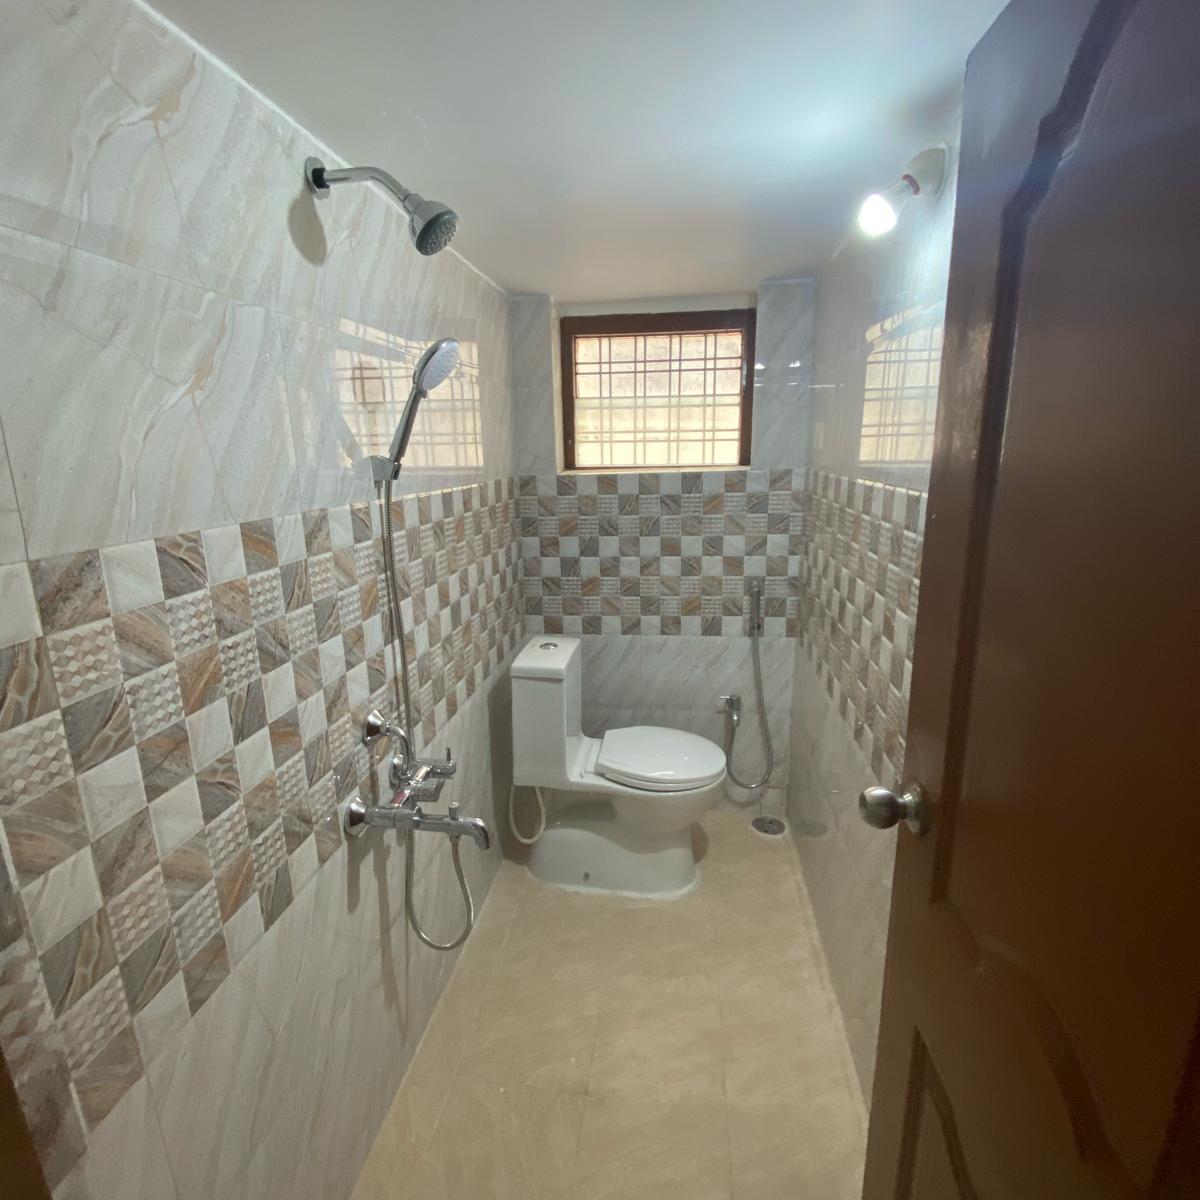 bathroom-Picture-karmanghat-2488275